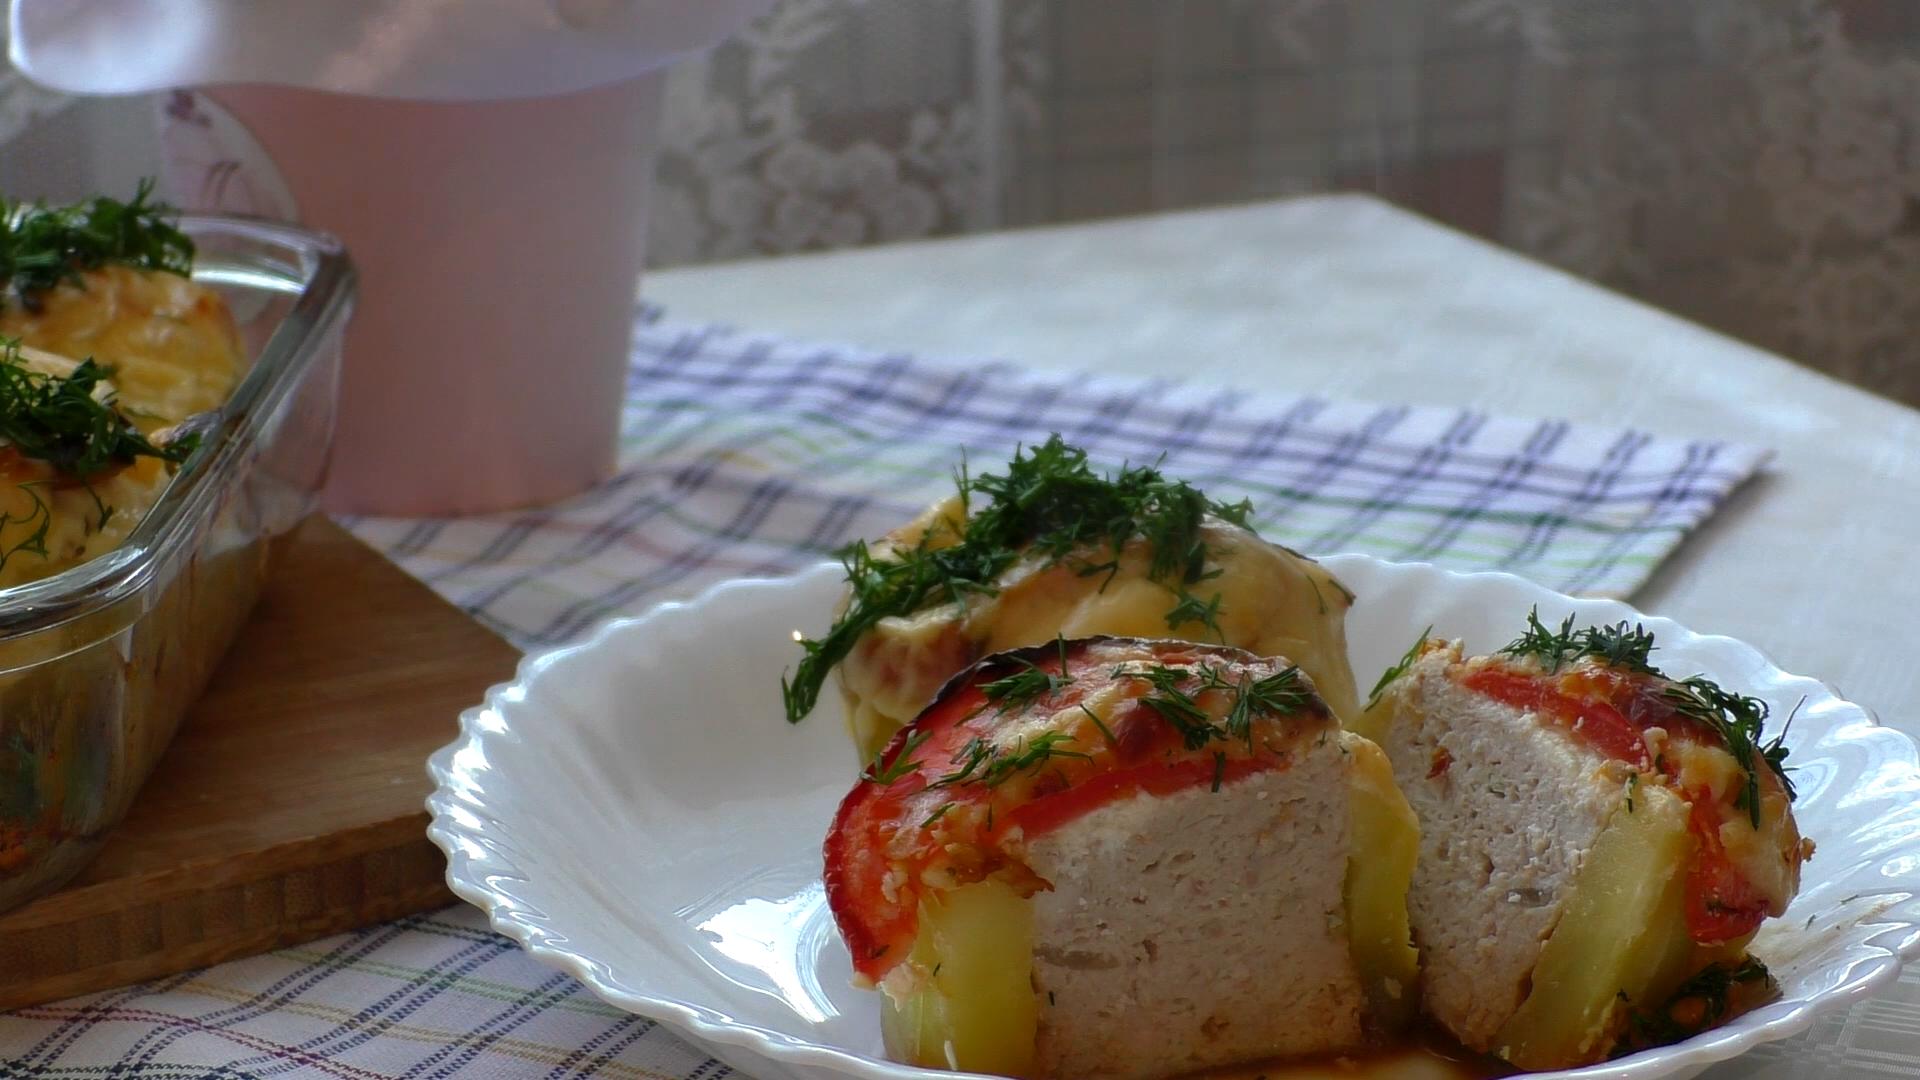 Запеченные Кабачки | Фаршированные Кабачки горячие блюда,закуски,кулинария,кулинарные хитрости,кухни мира,мясные блюда,обед,овощные блюда,рецепты,ужин